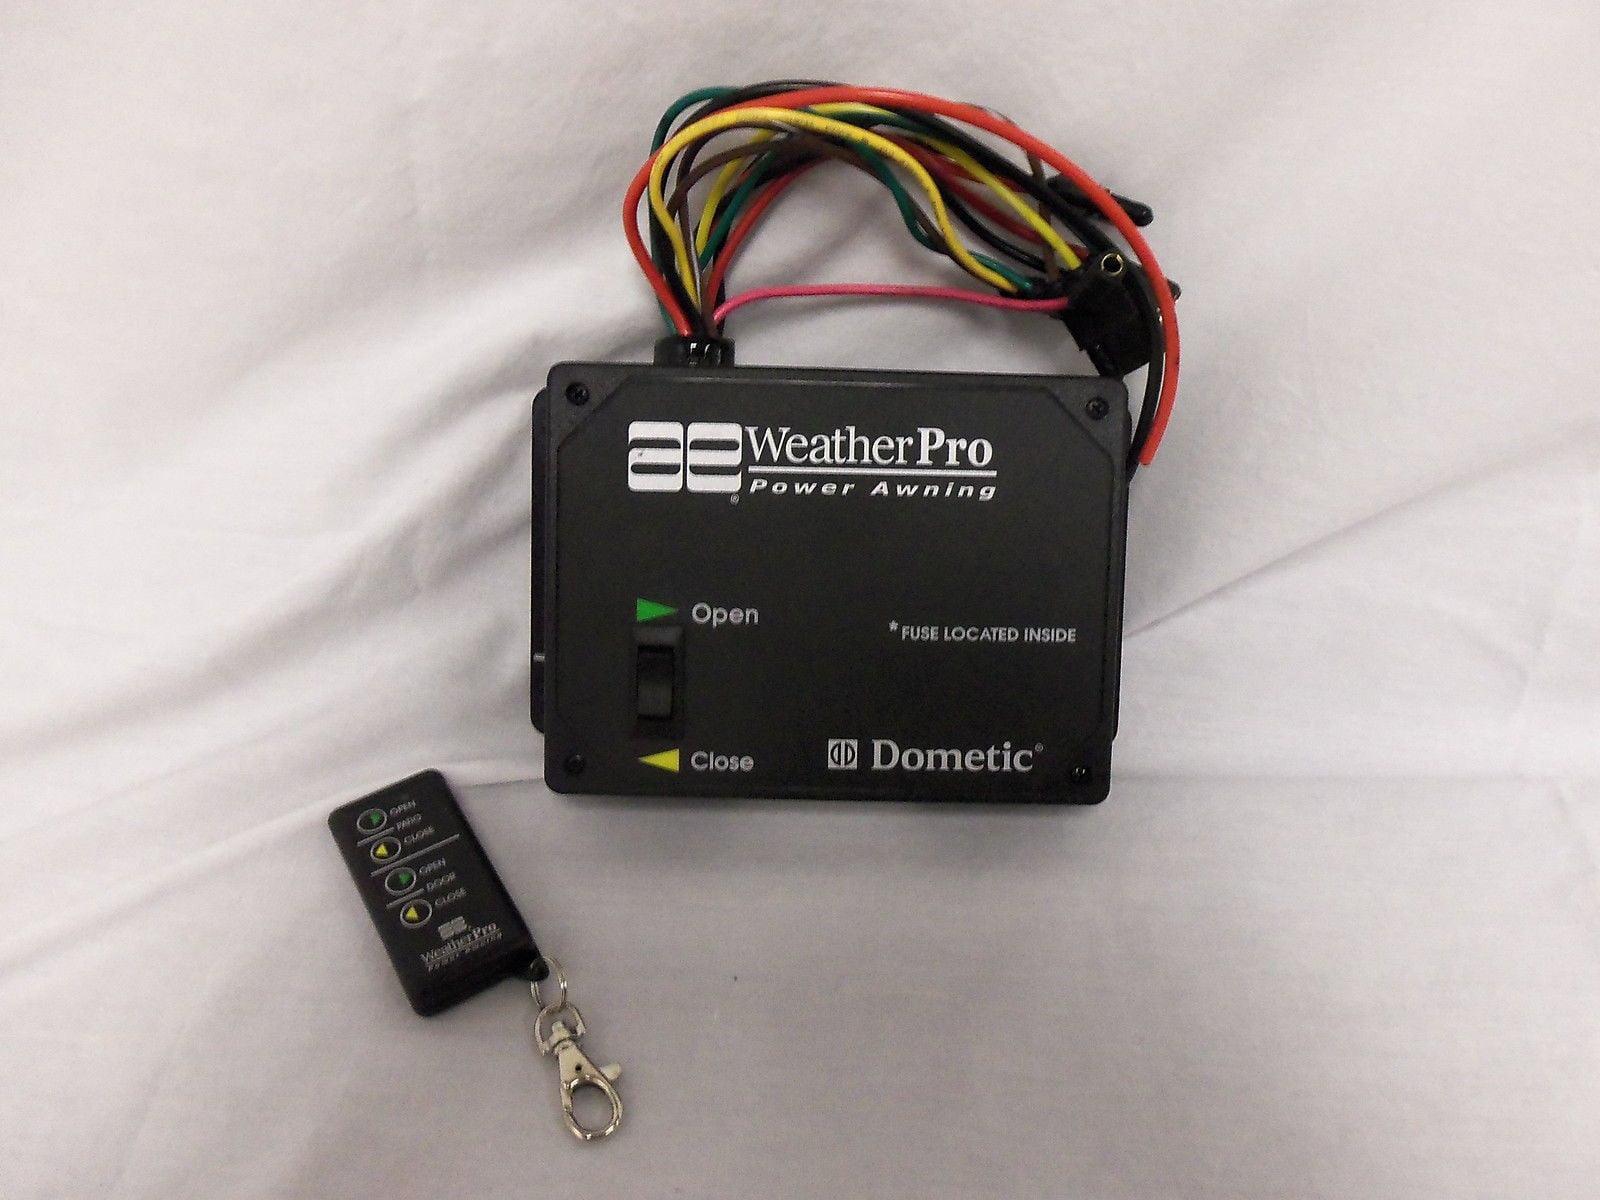 Dometic 3308014 004 Weatherpro Awning Control Box & Key Fob Replace  3307843 007